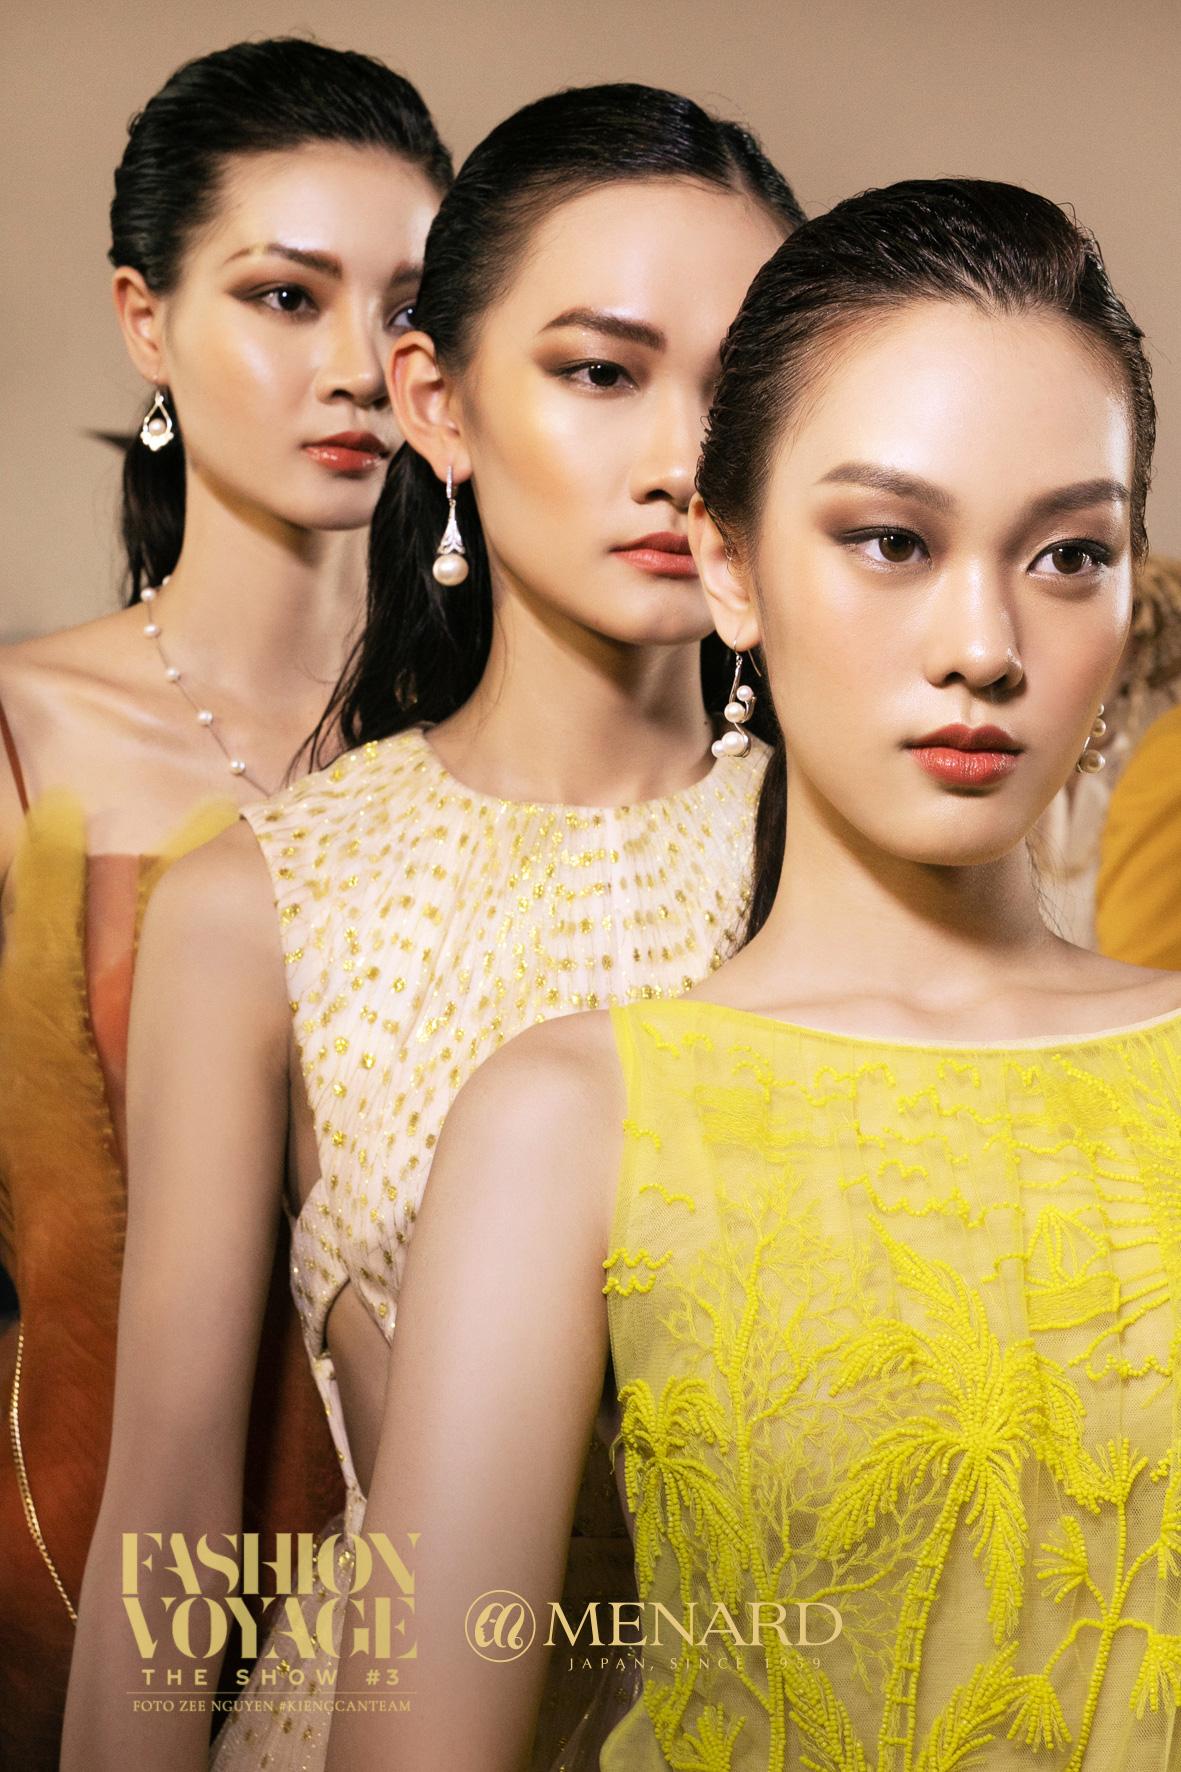 Fashion Voyage #3: Nghệ thuật trang điểm đánh thức khát vọng vẻ đẹp đích thực - Ảnh 6.